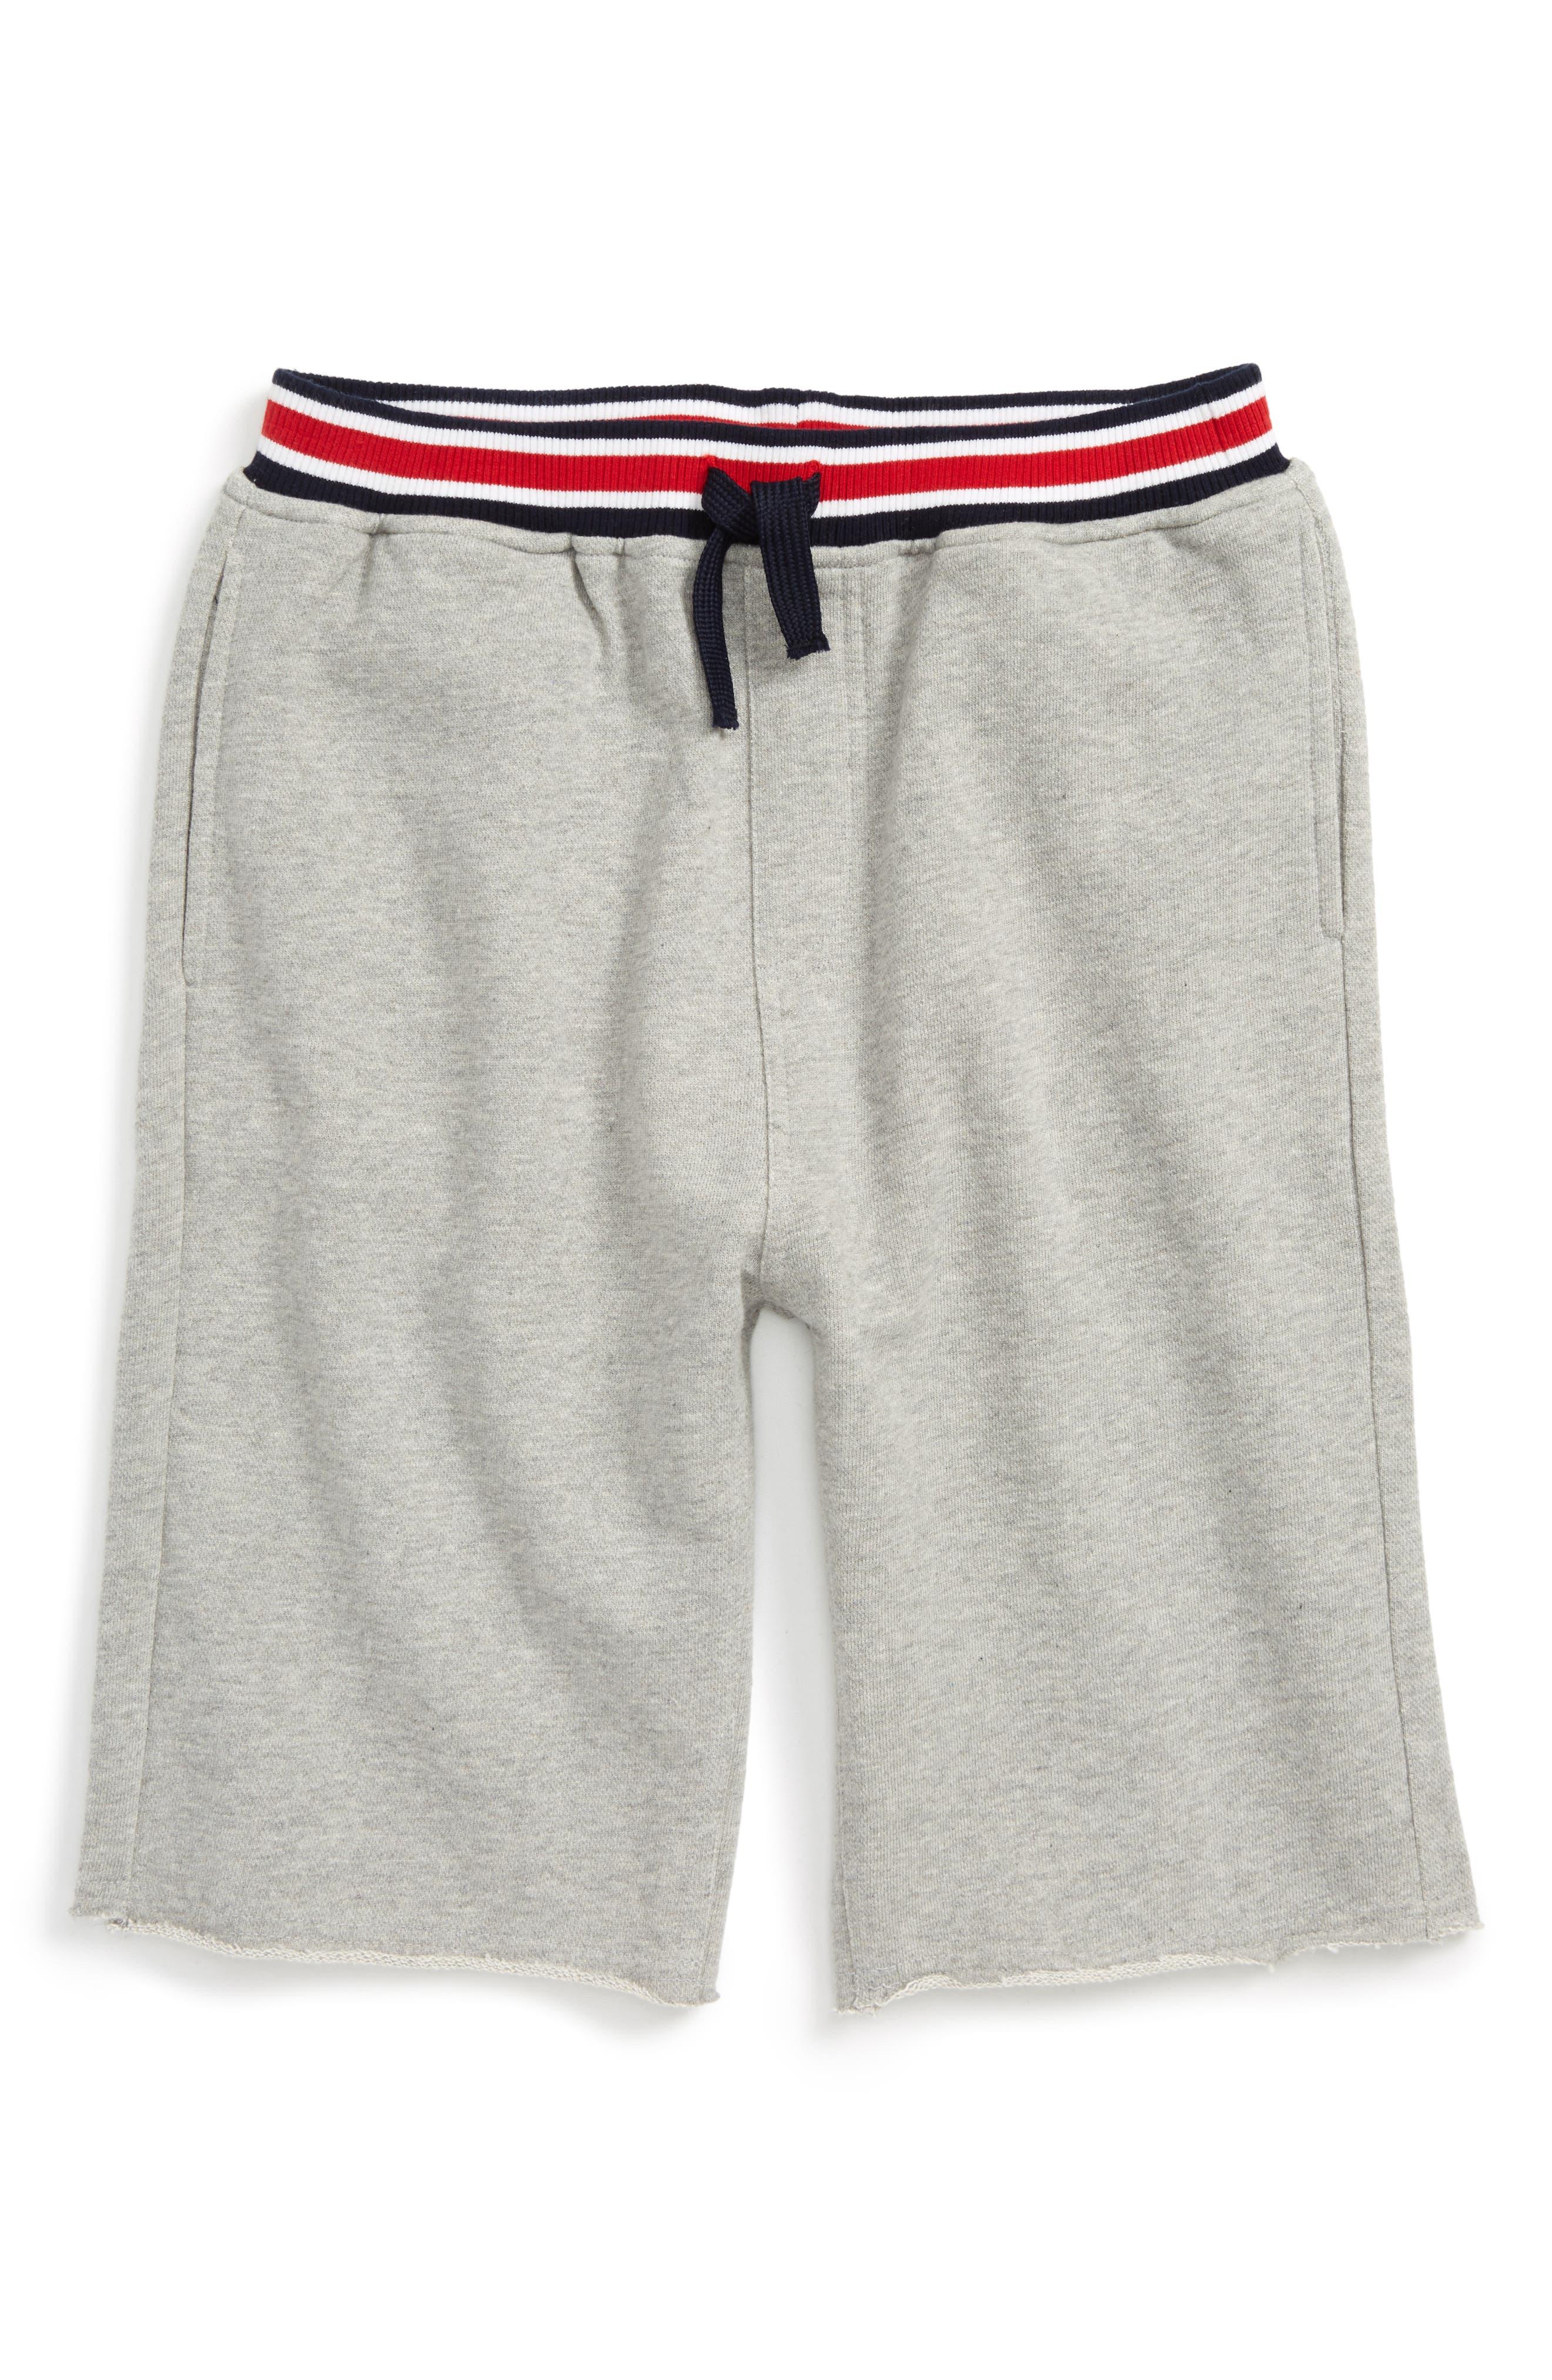 Varsity Knit Shorts,                         Main,                         color, Grey